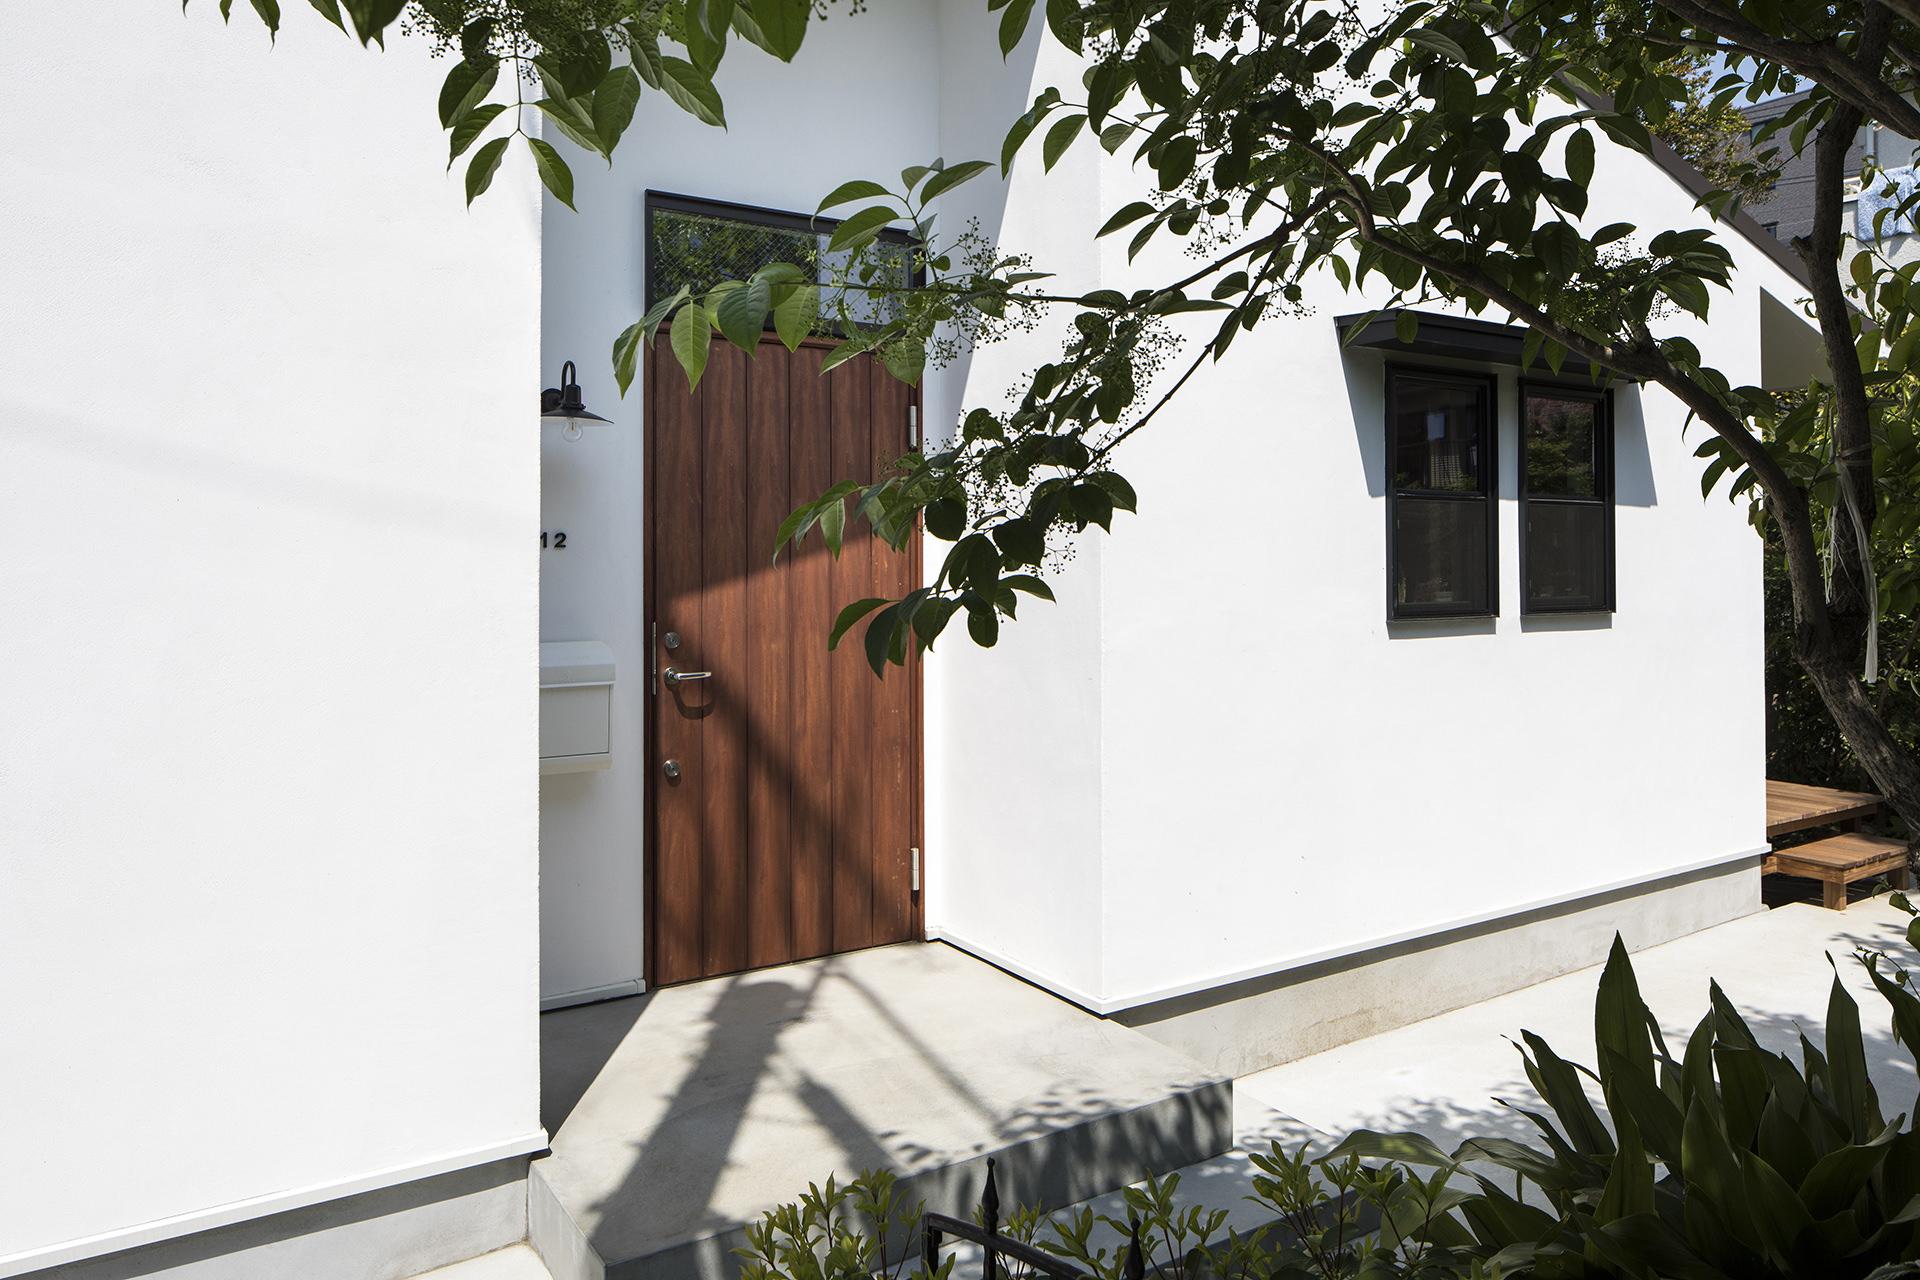 FS-HOME フラットハウス+ 撮影イメージ02 撮影:東涌写真事務所・東涌宏和